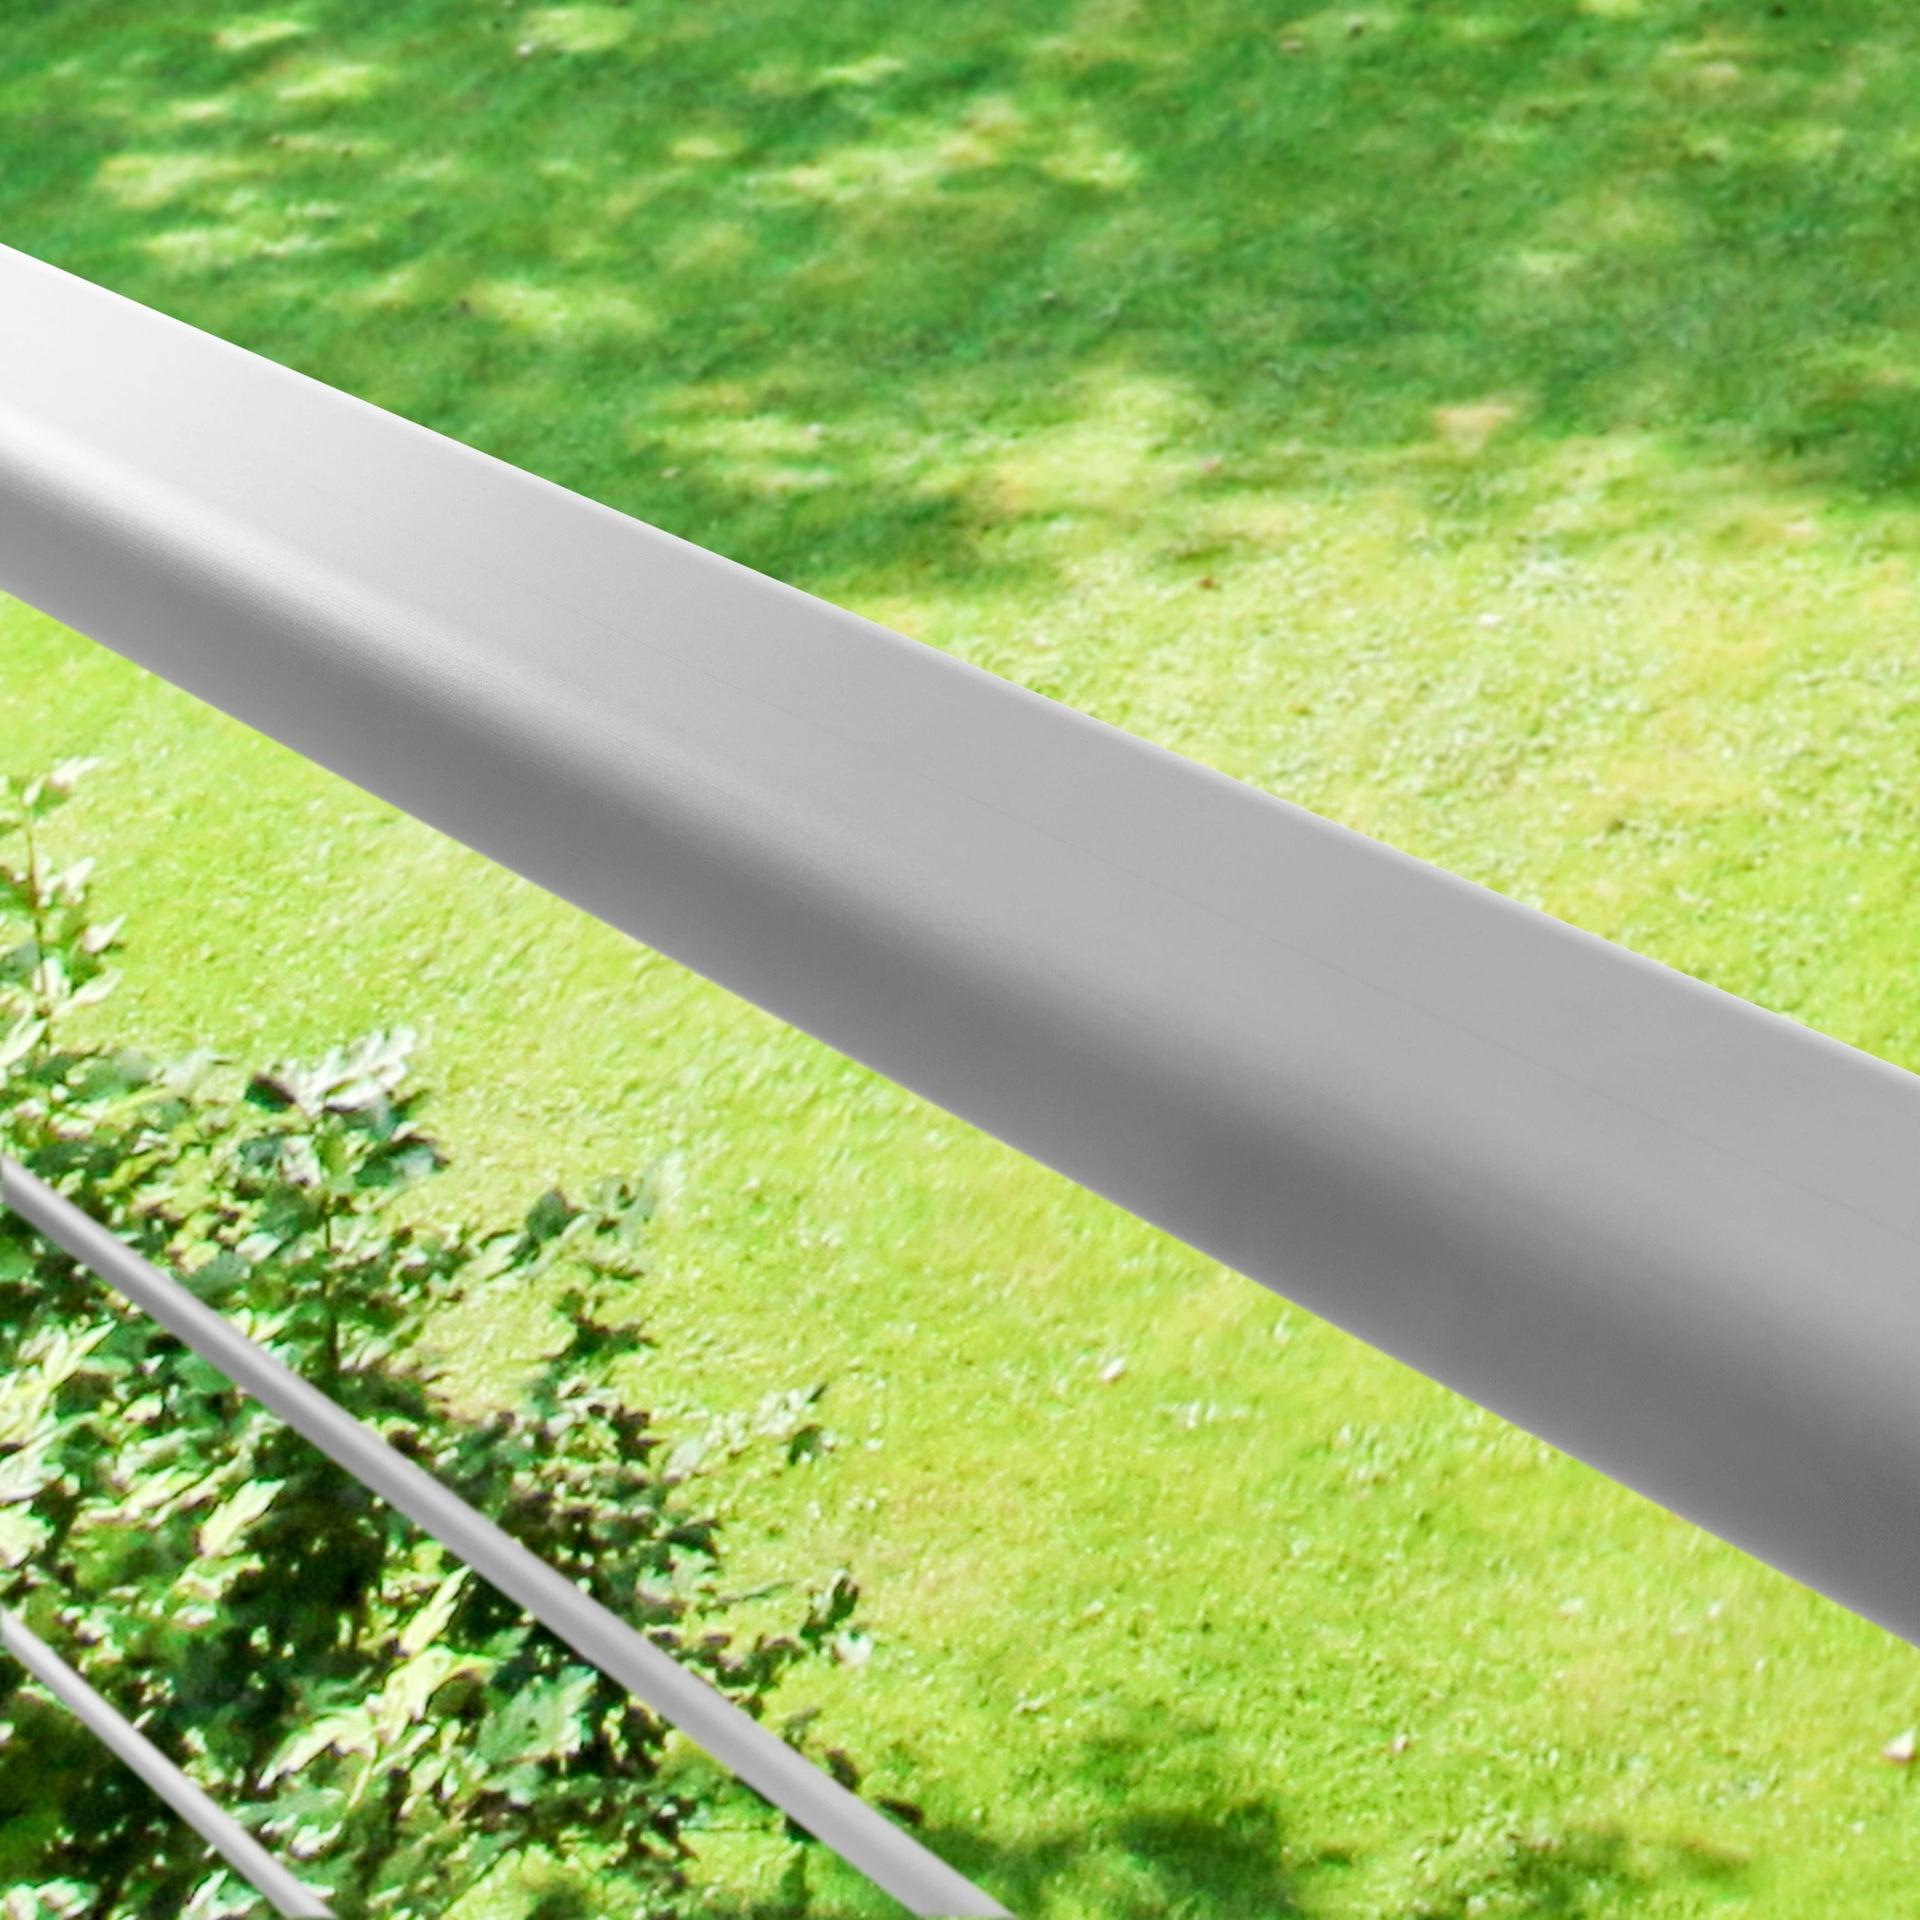 Balaustra ARTENS in alluminio L 200 x H 100 cm grigio - 9